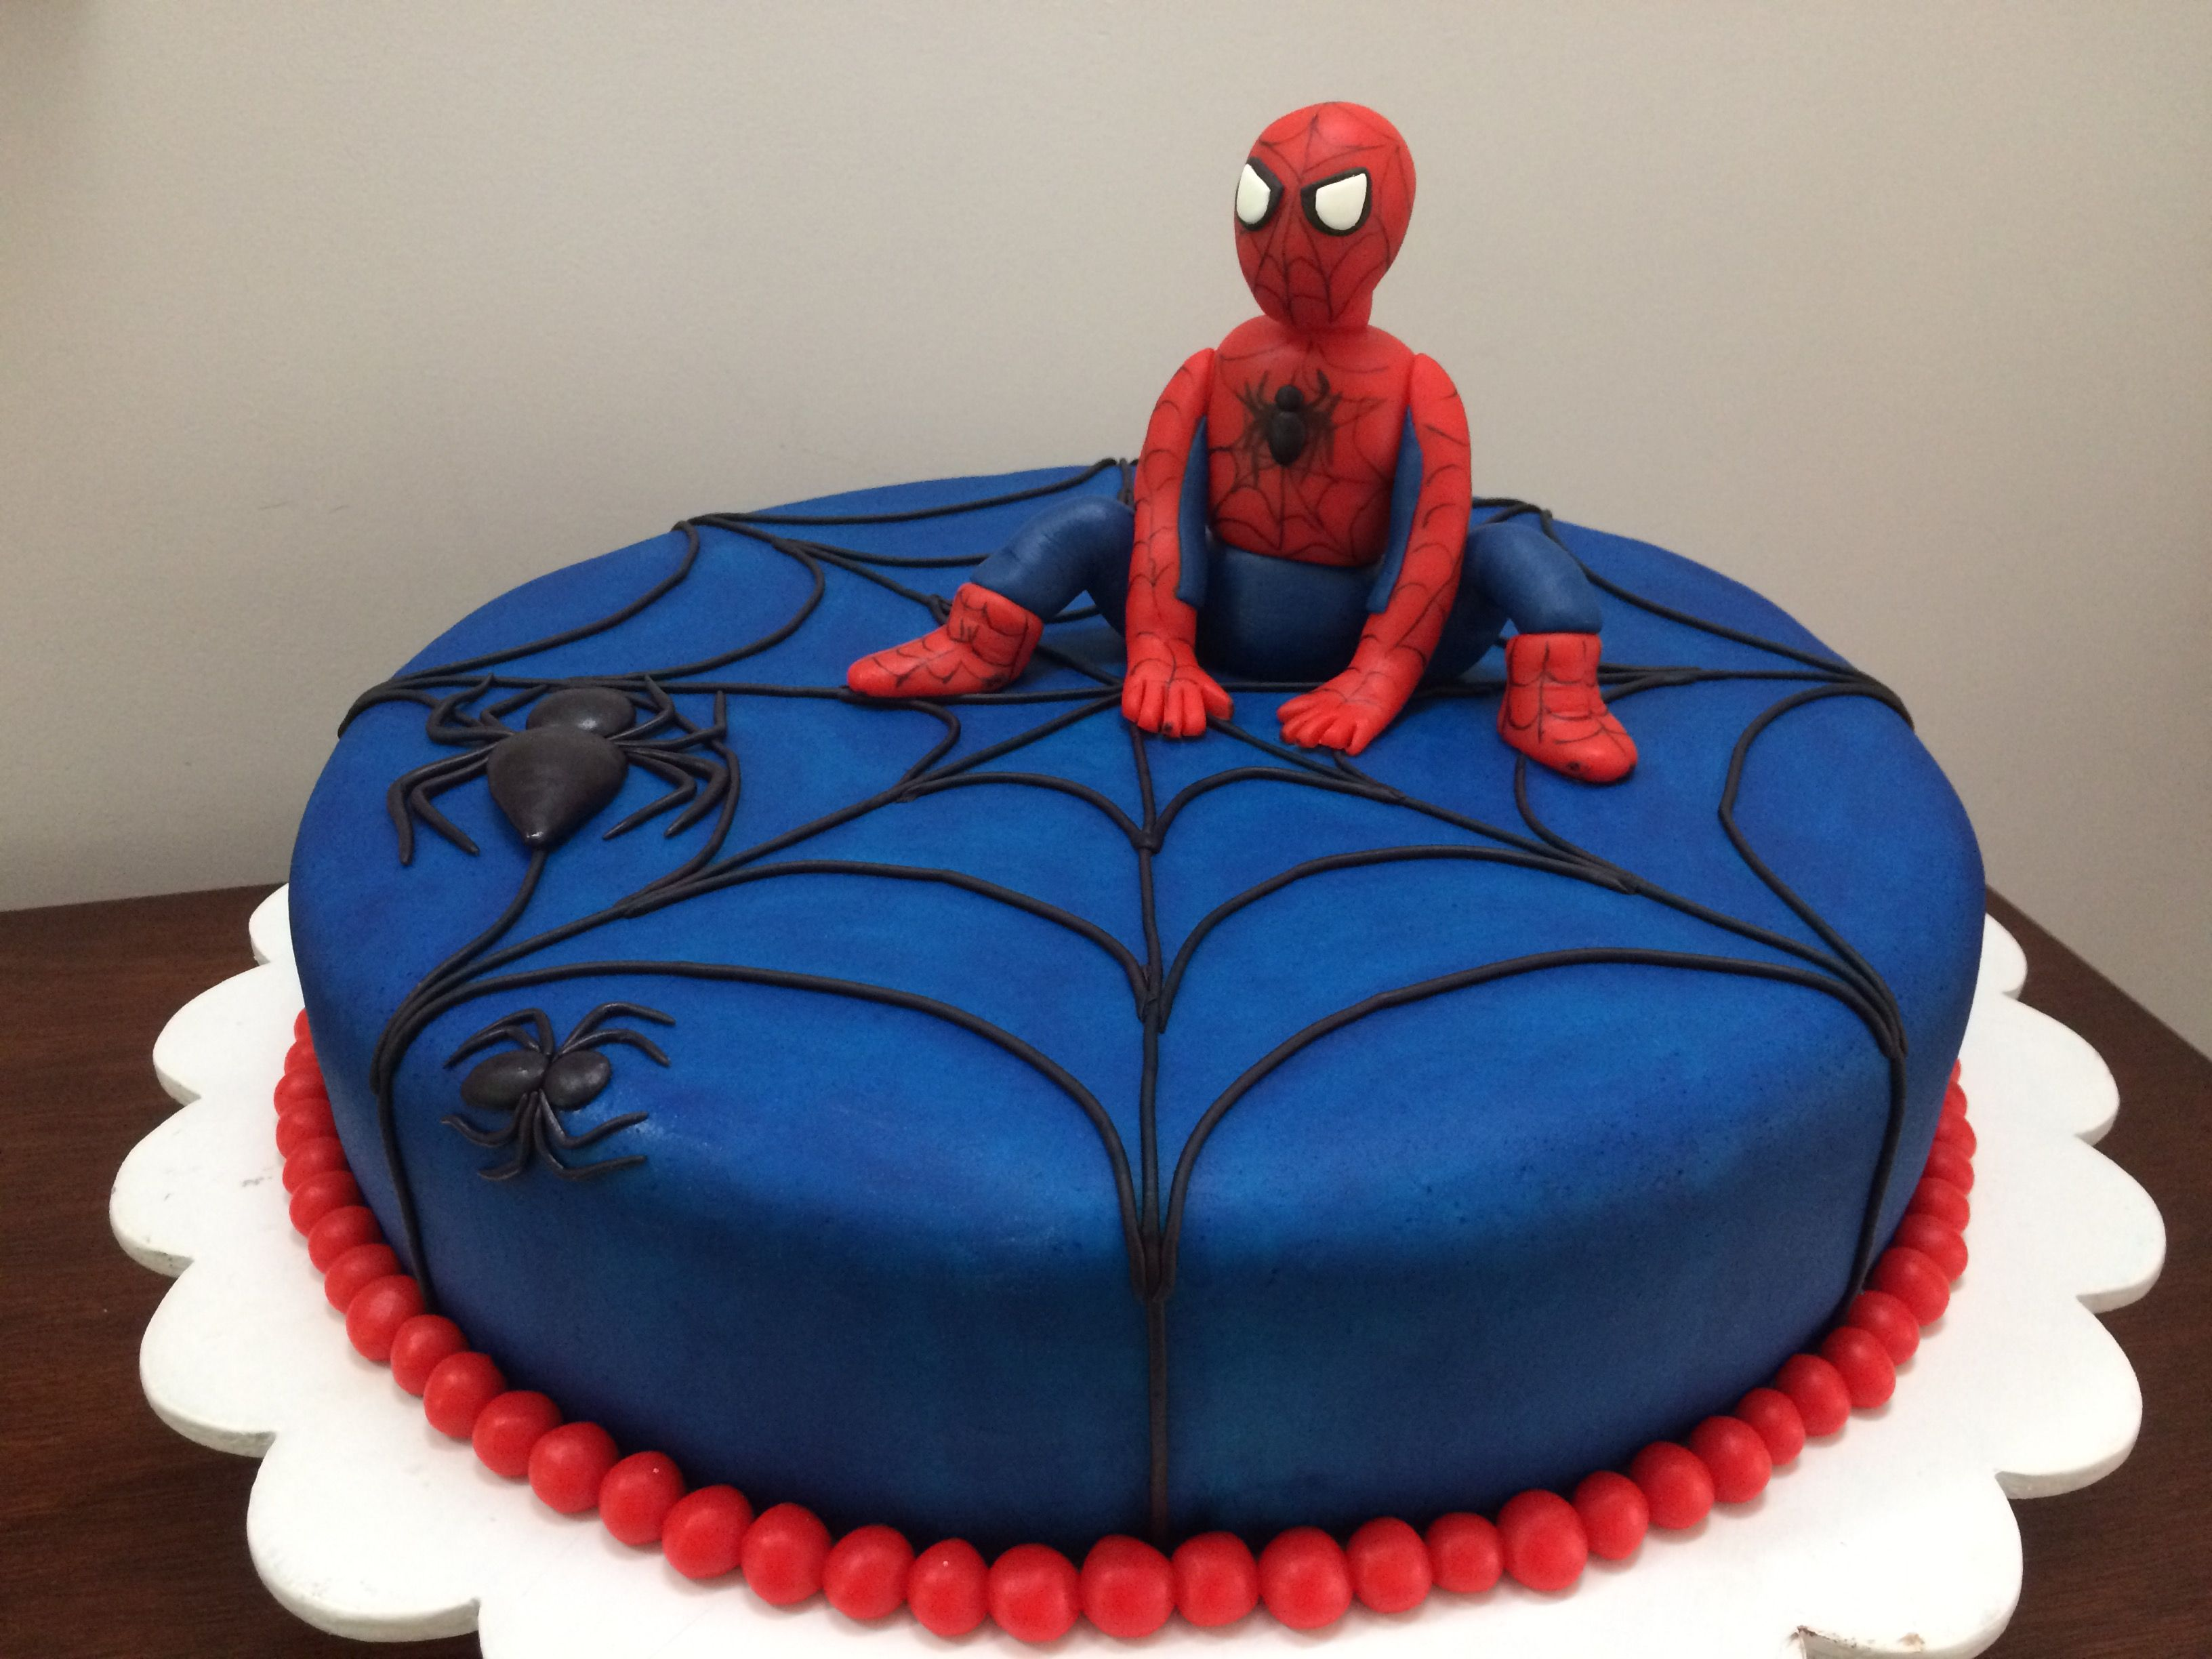 Torta hombre araña Spiderman cake Tortas decoradas con mazapán, crema de mantequilla, fondant